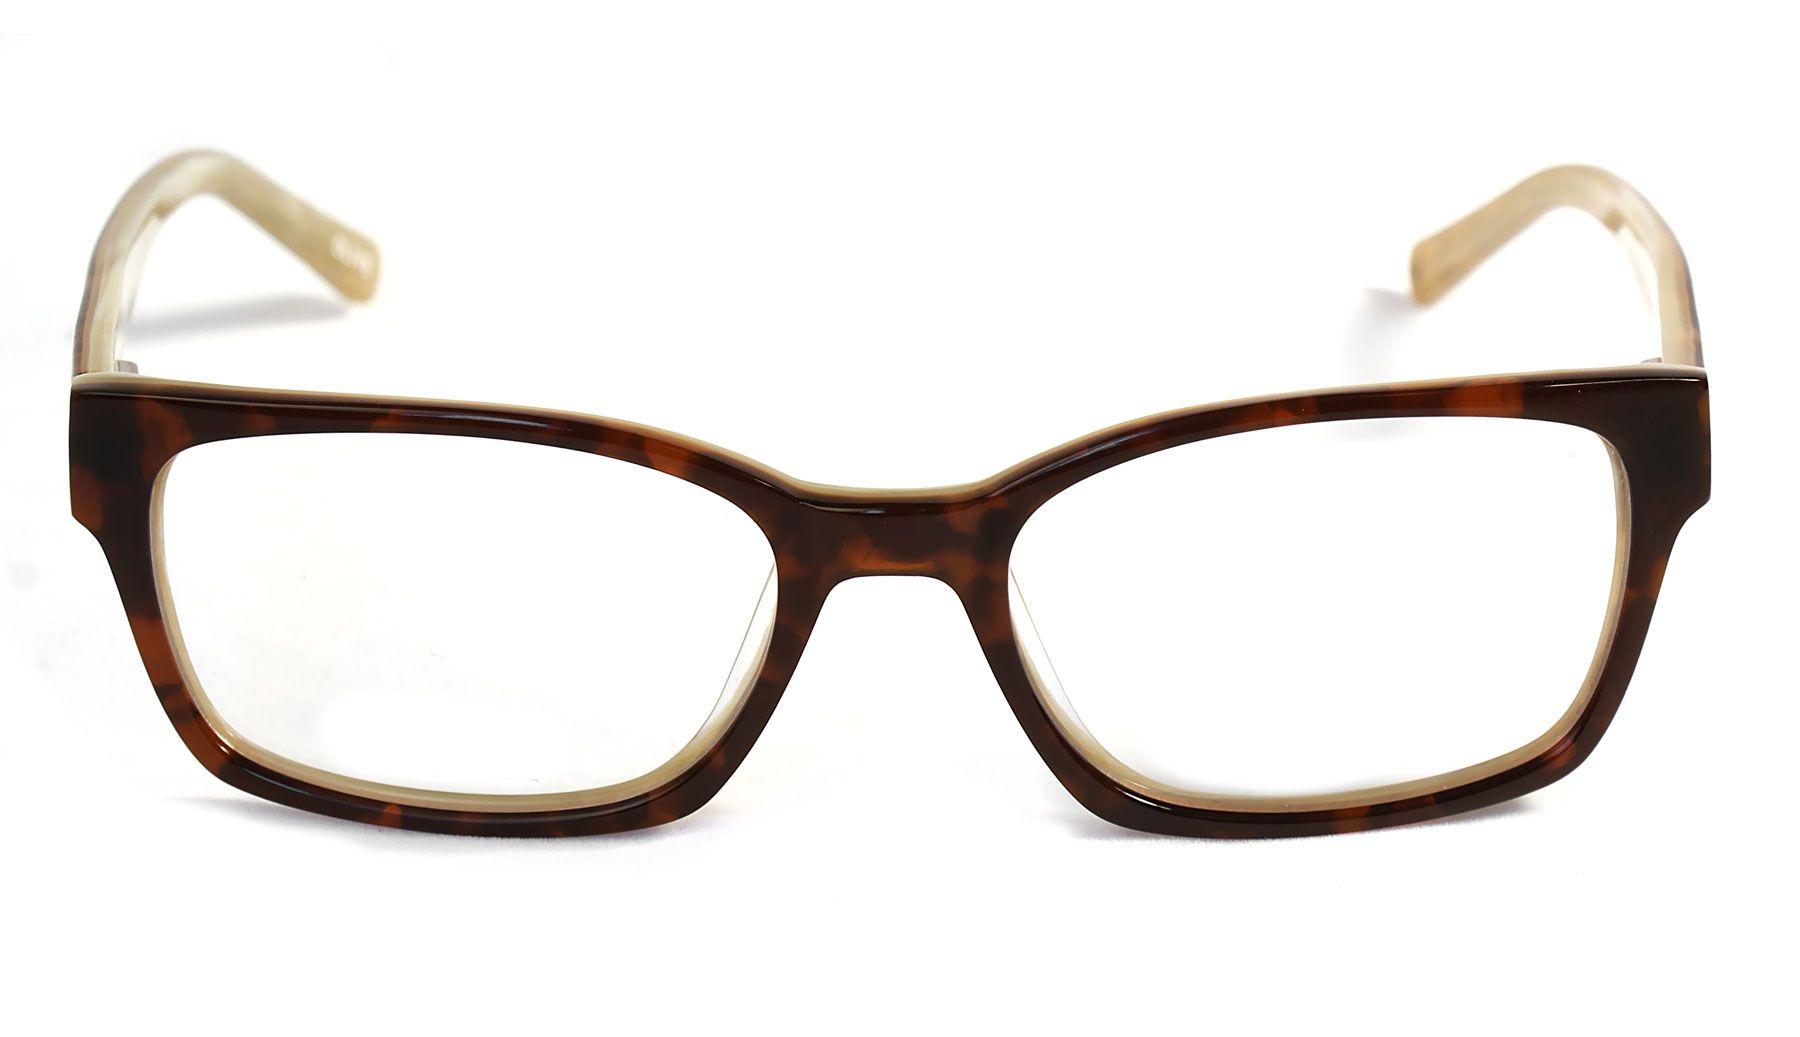 ffe9060b9d0 Radley glasses